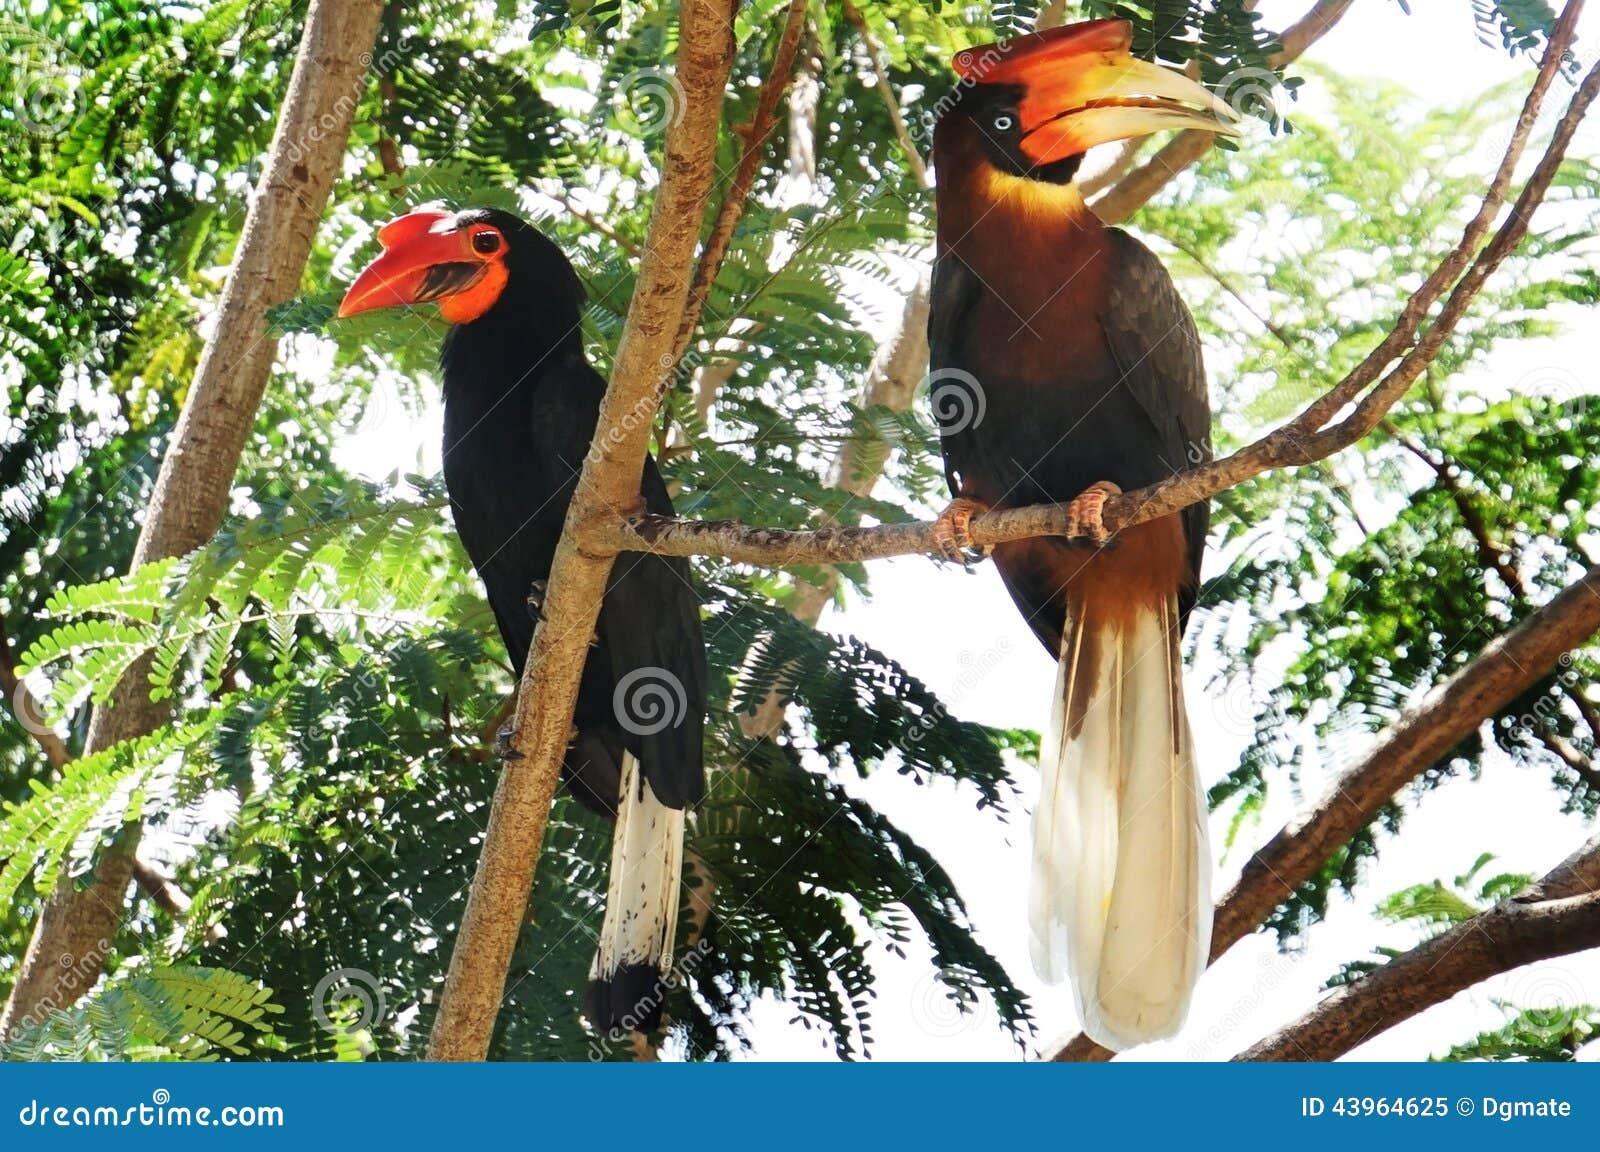 Male and female Hornbills